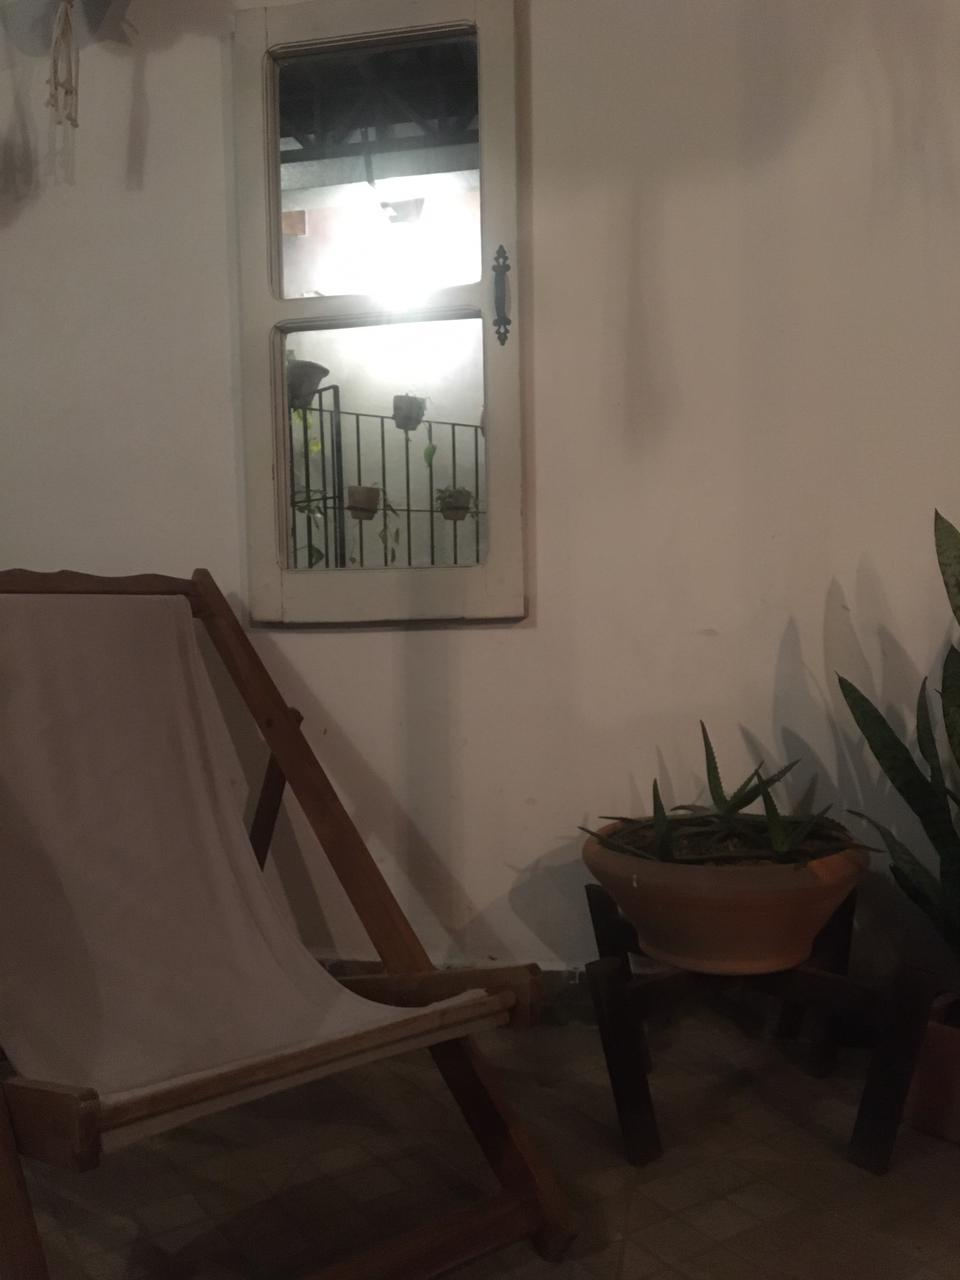 Unos espejos, sillones, planteras y una vieja reja ya pueden transformar cualquier espacio en algo original. Foto: Natalia Santos.